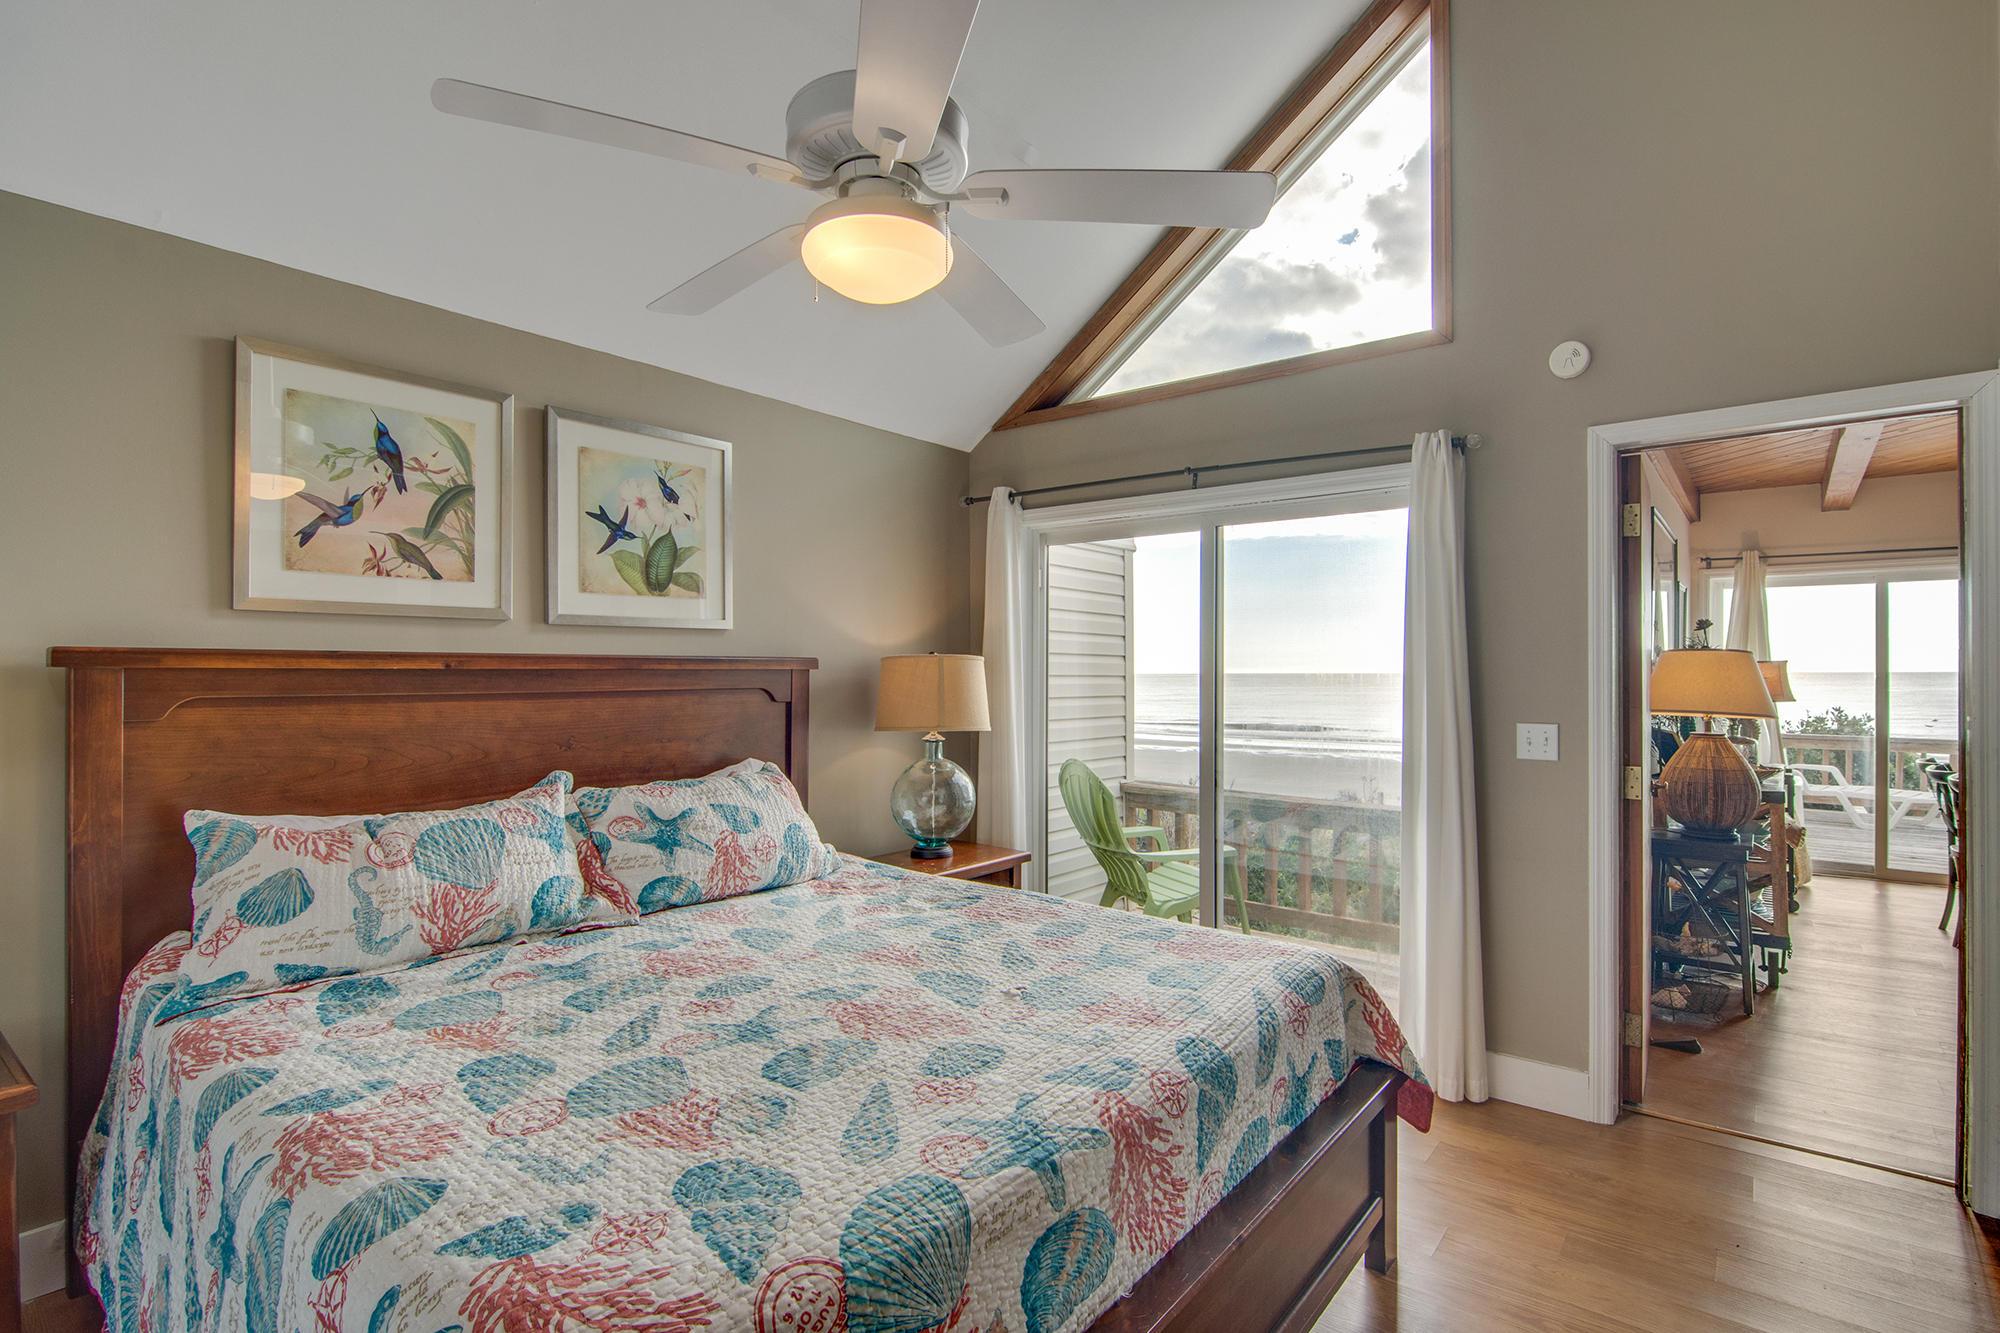 Folly Beach Homes For Sale - 1703 Ashley, Folly Beach, SC - 4